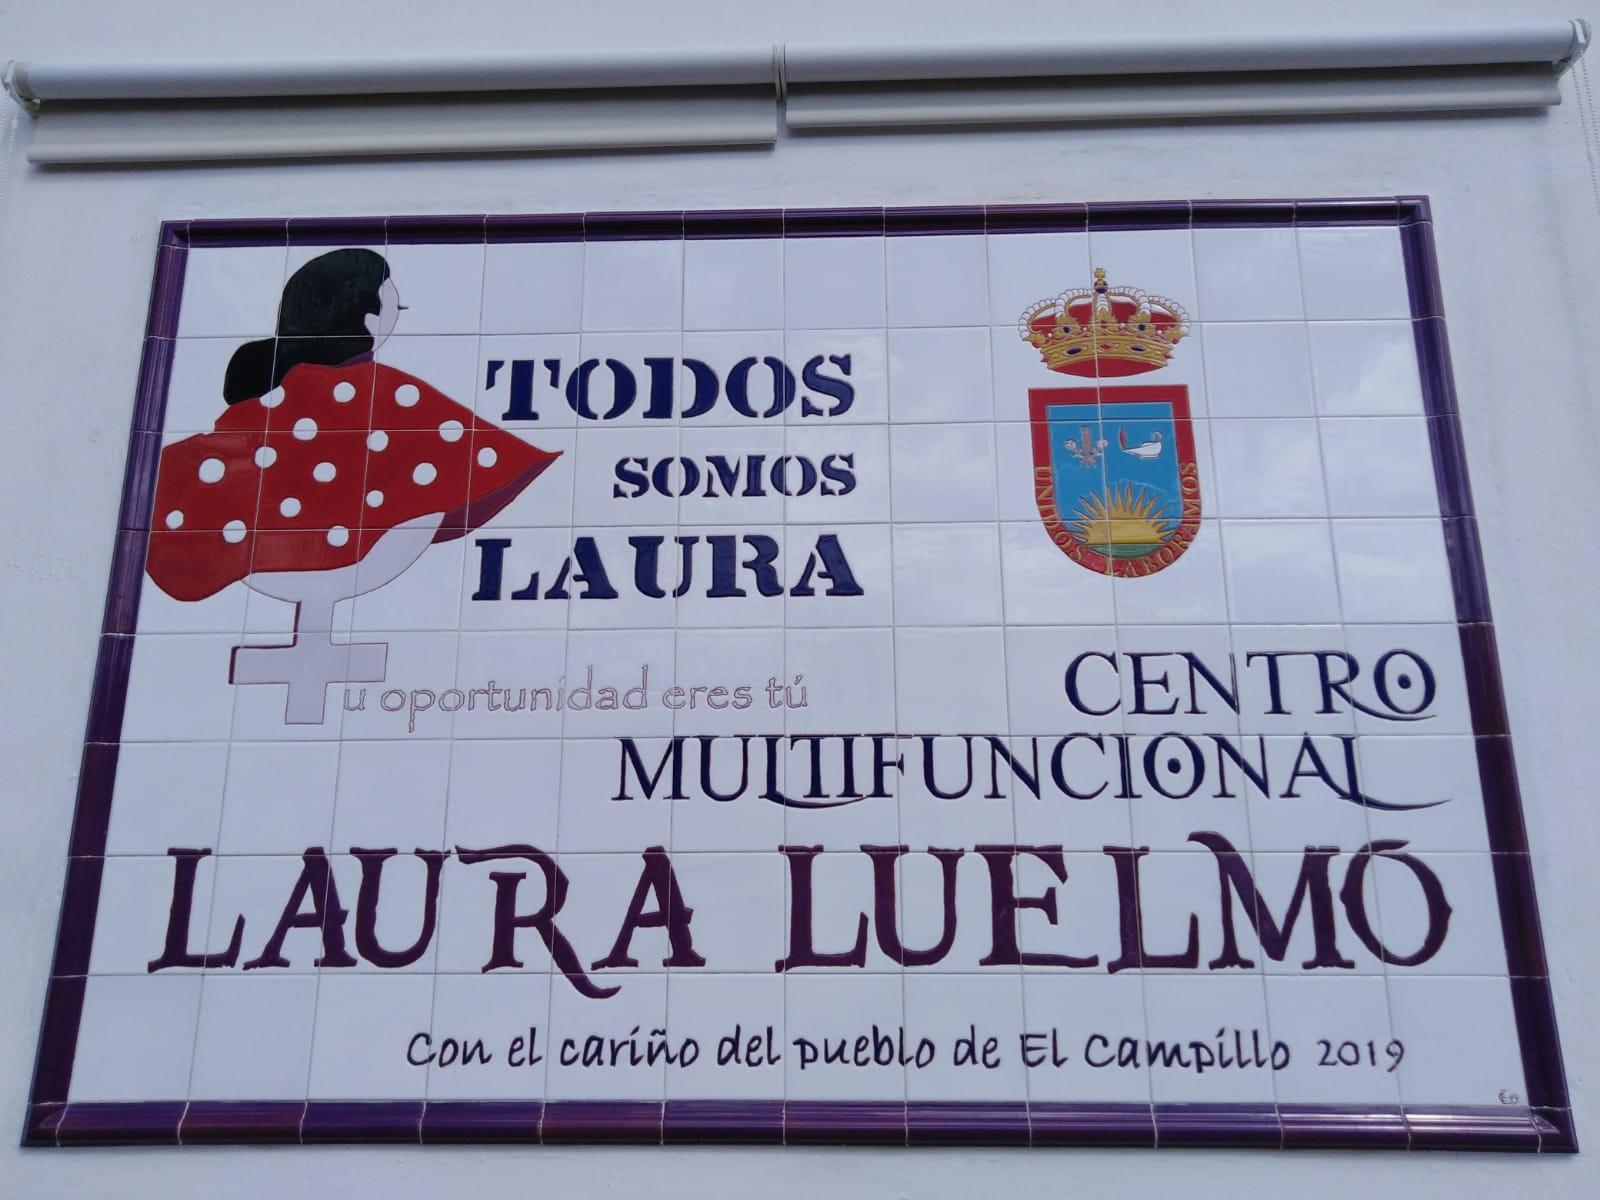 Laura Luelmo homenaje 8 de marzo dos